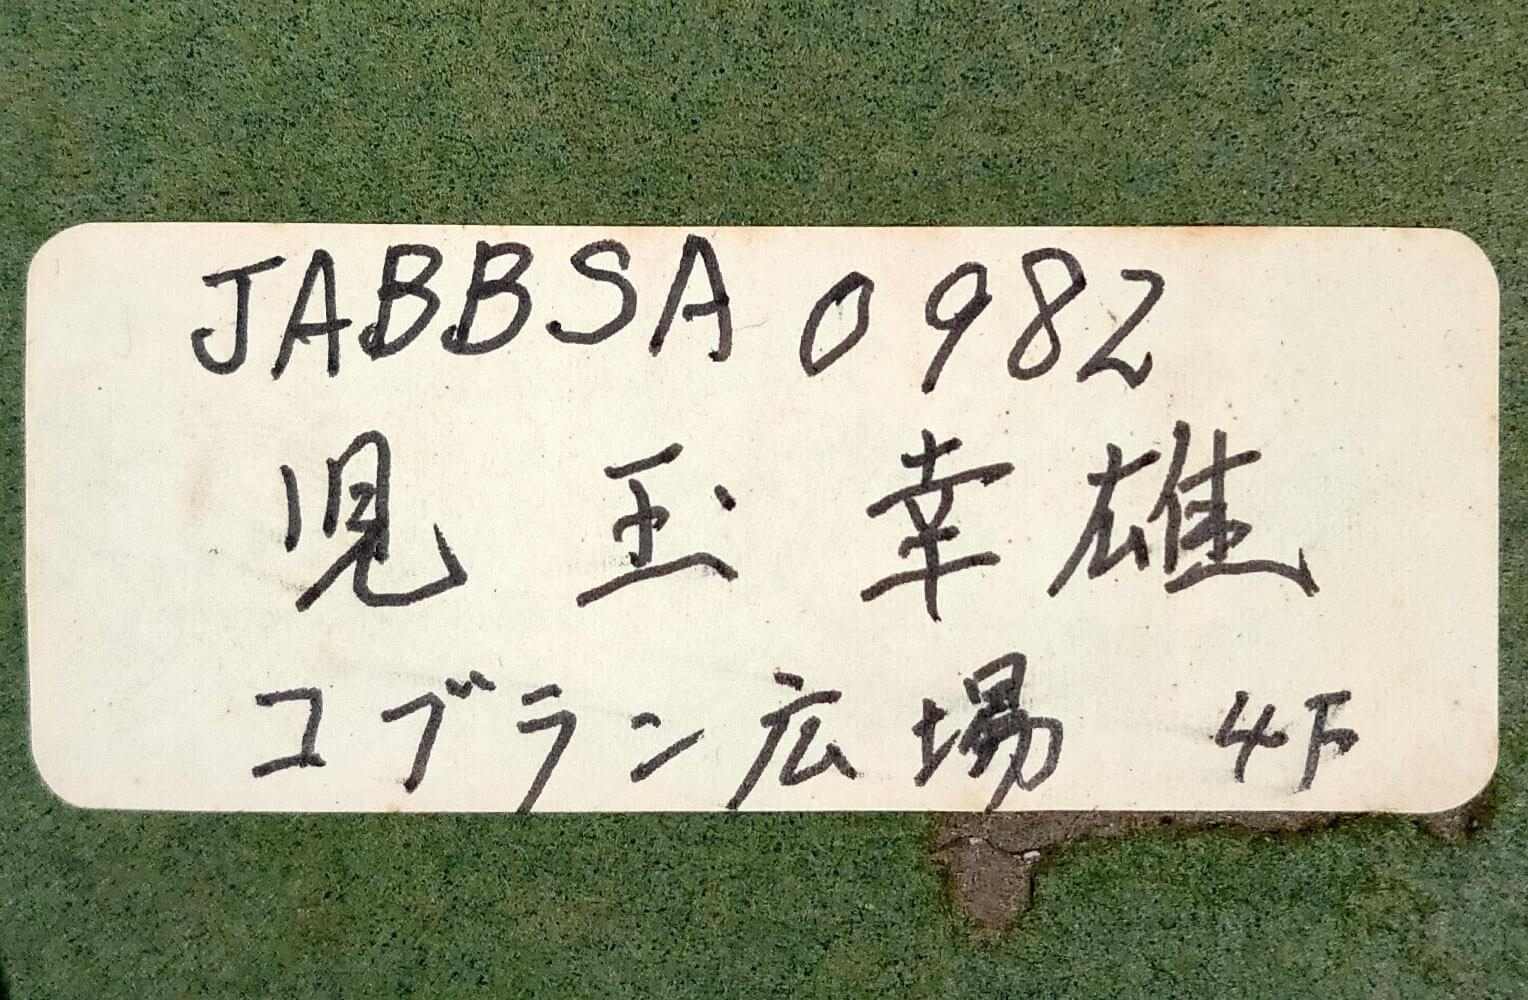 児玉幸雄 「ゴブランの広場」4号 サイン